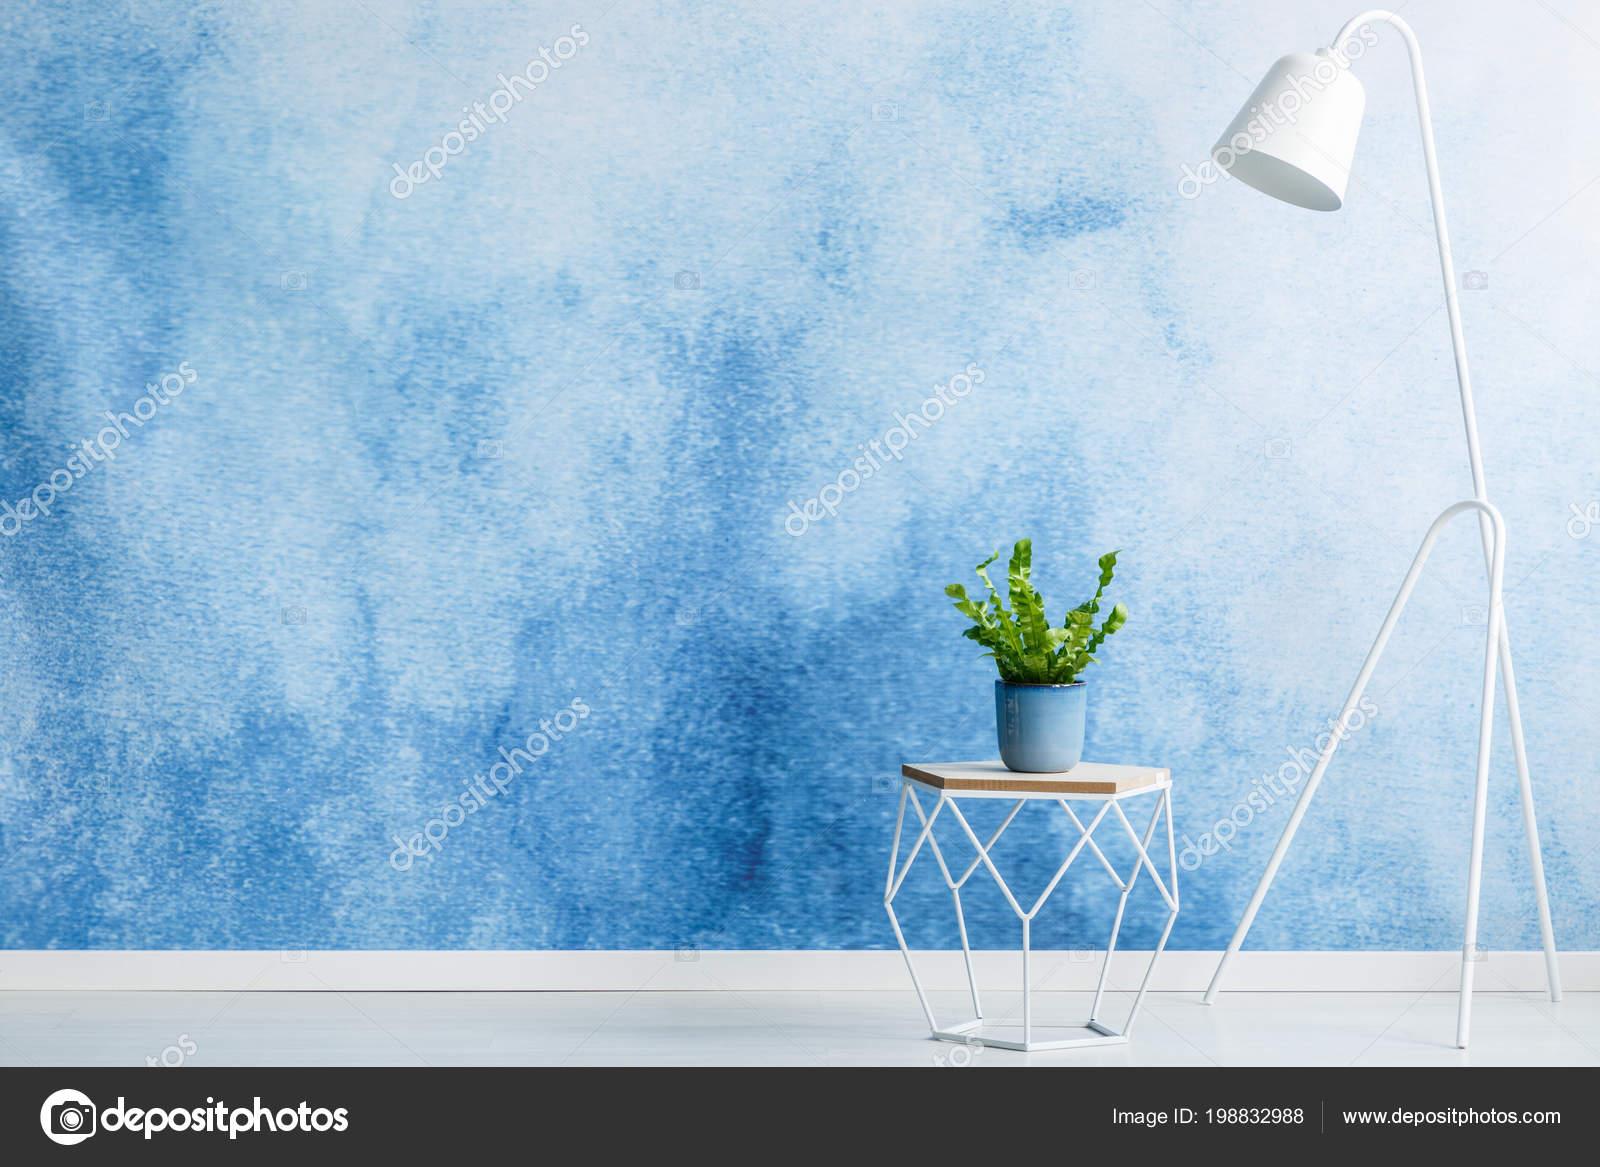 Muro posizionamento prodotto vuoto sgabello con una pianta bianco